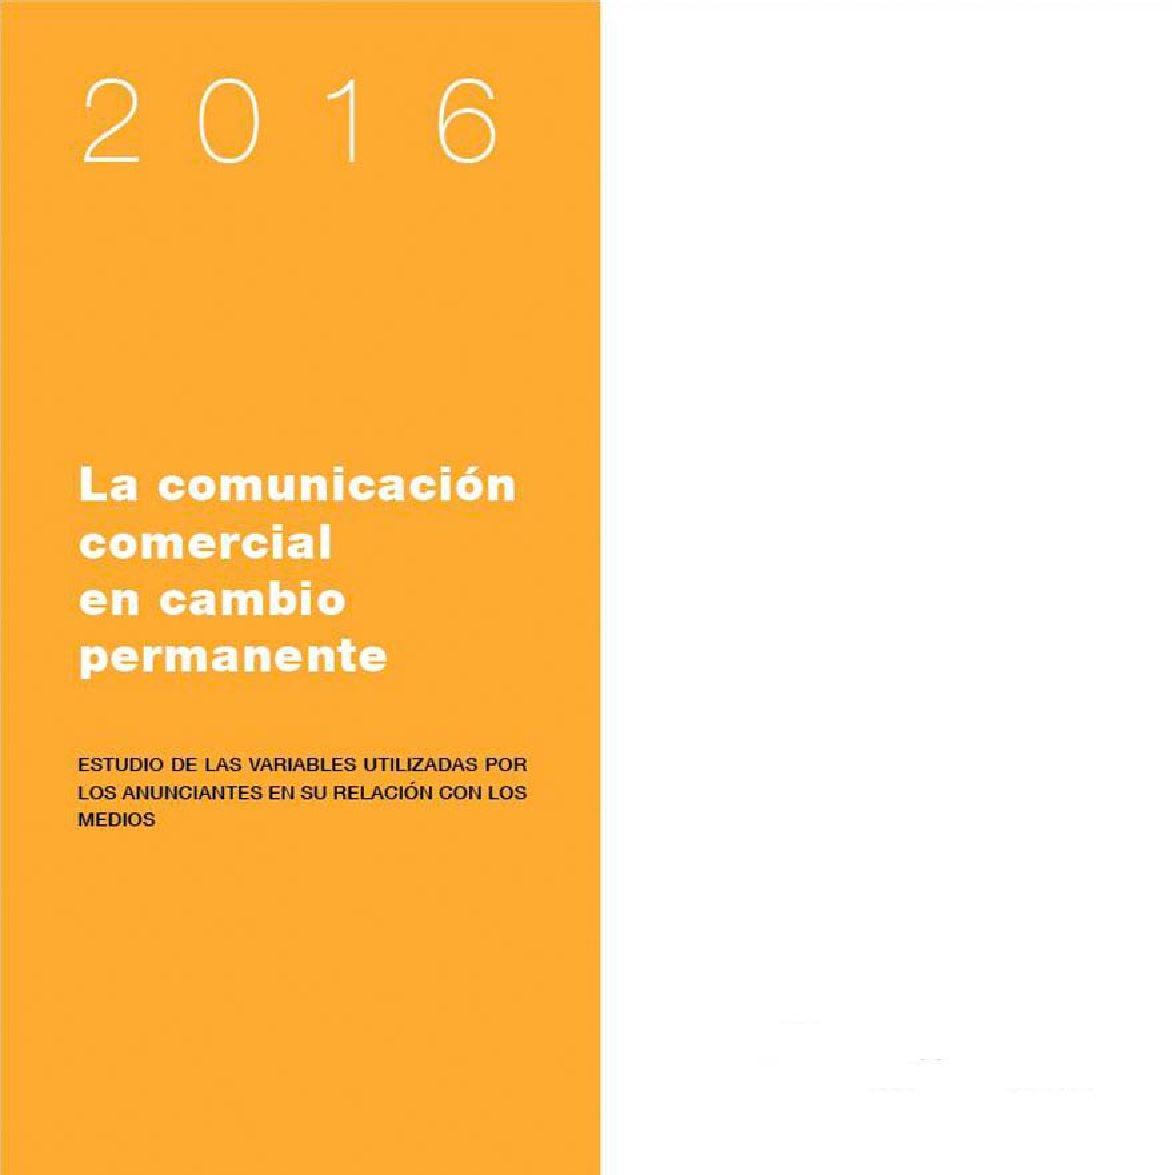 Observatorio 2016 - Monográfico sobre los medios